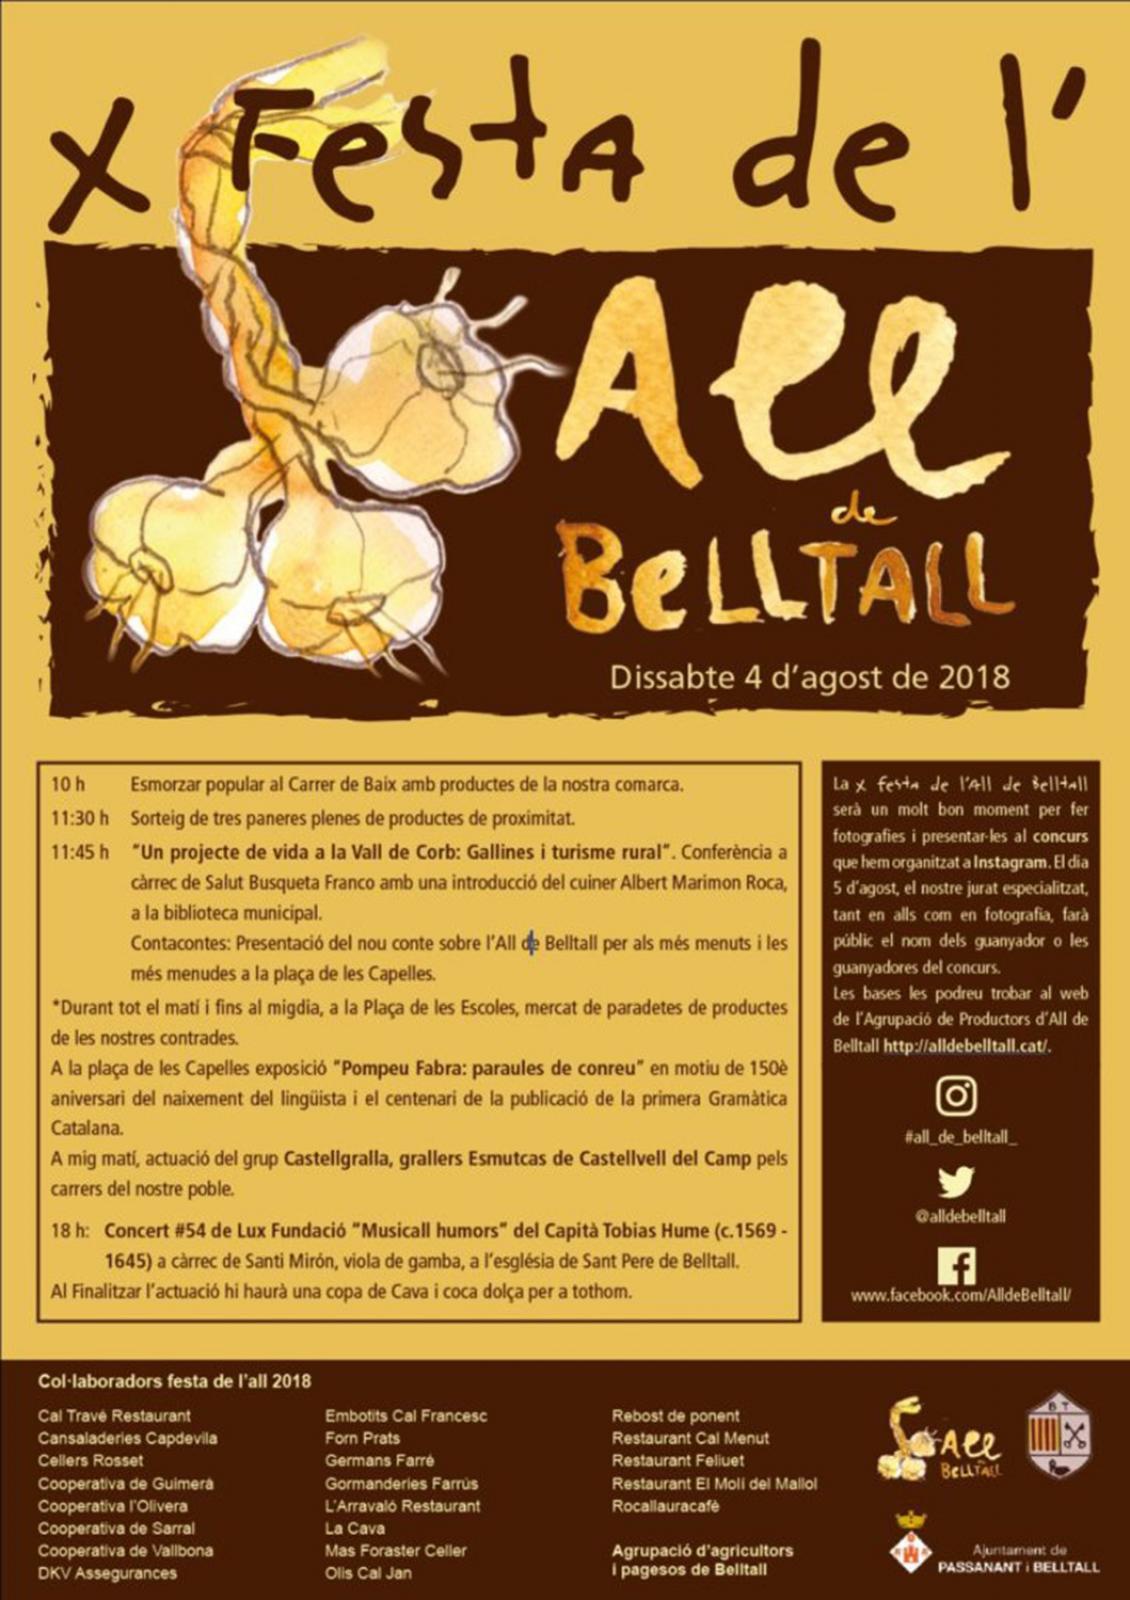 Xa Festa de l'all de Belltall